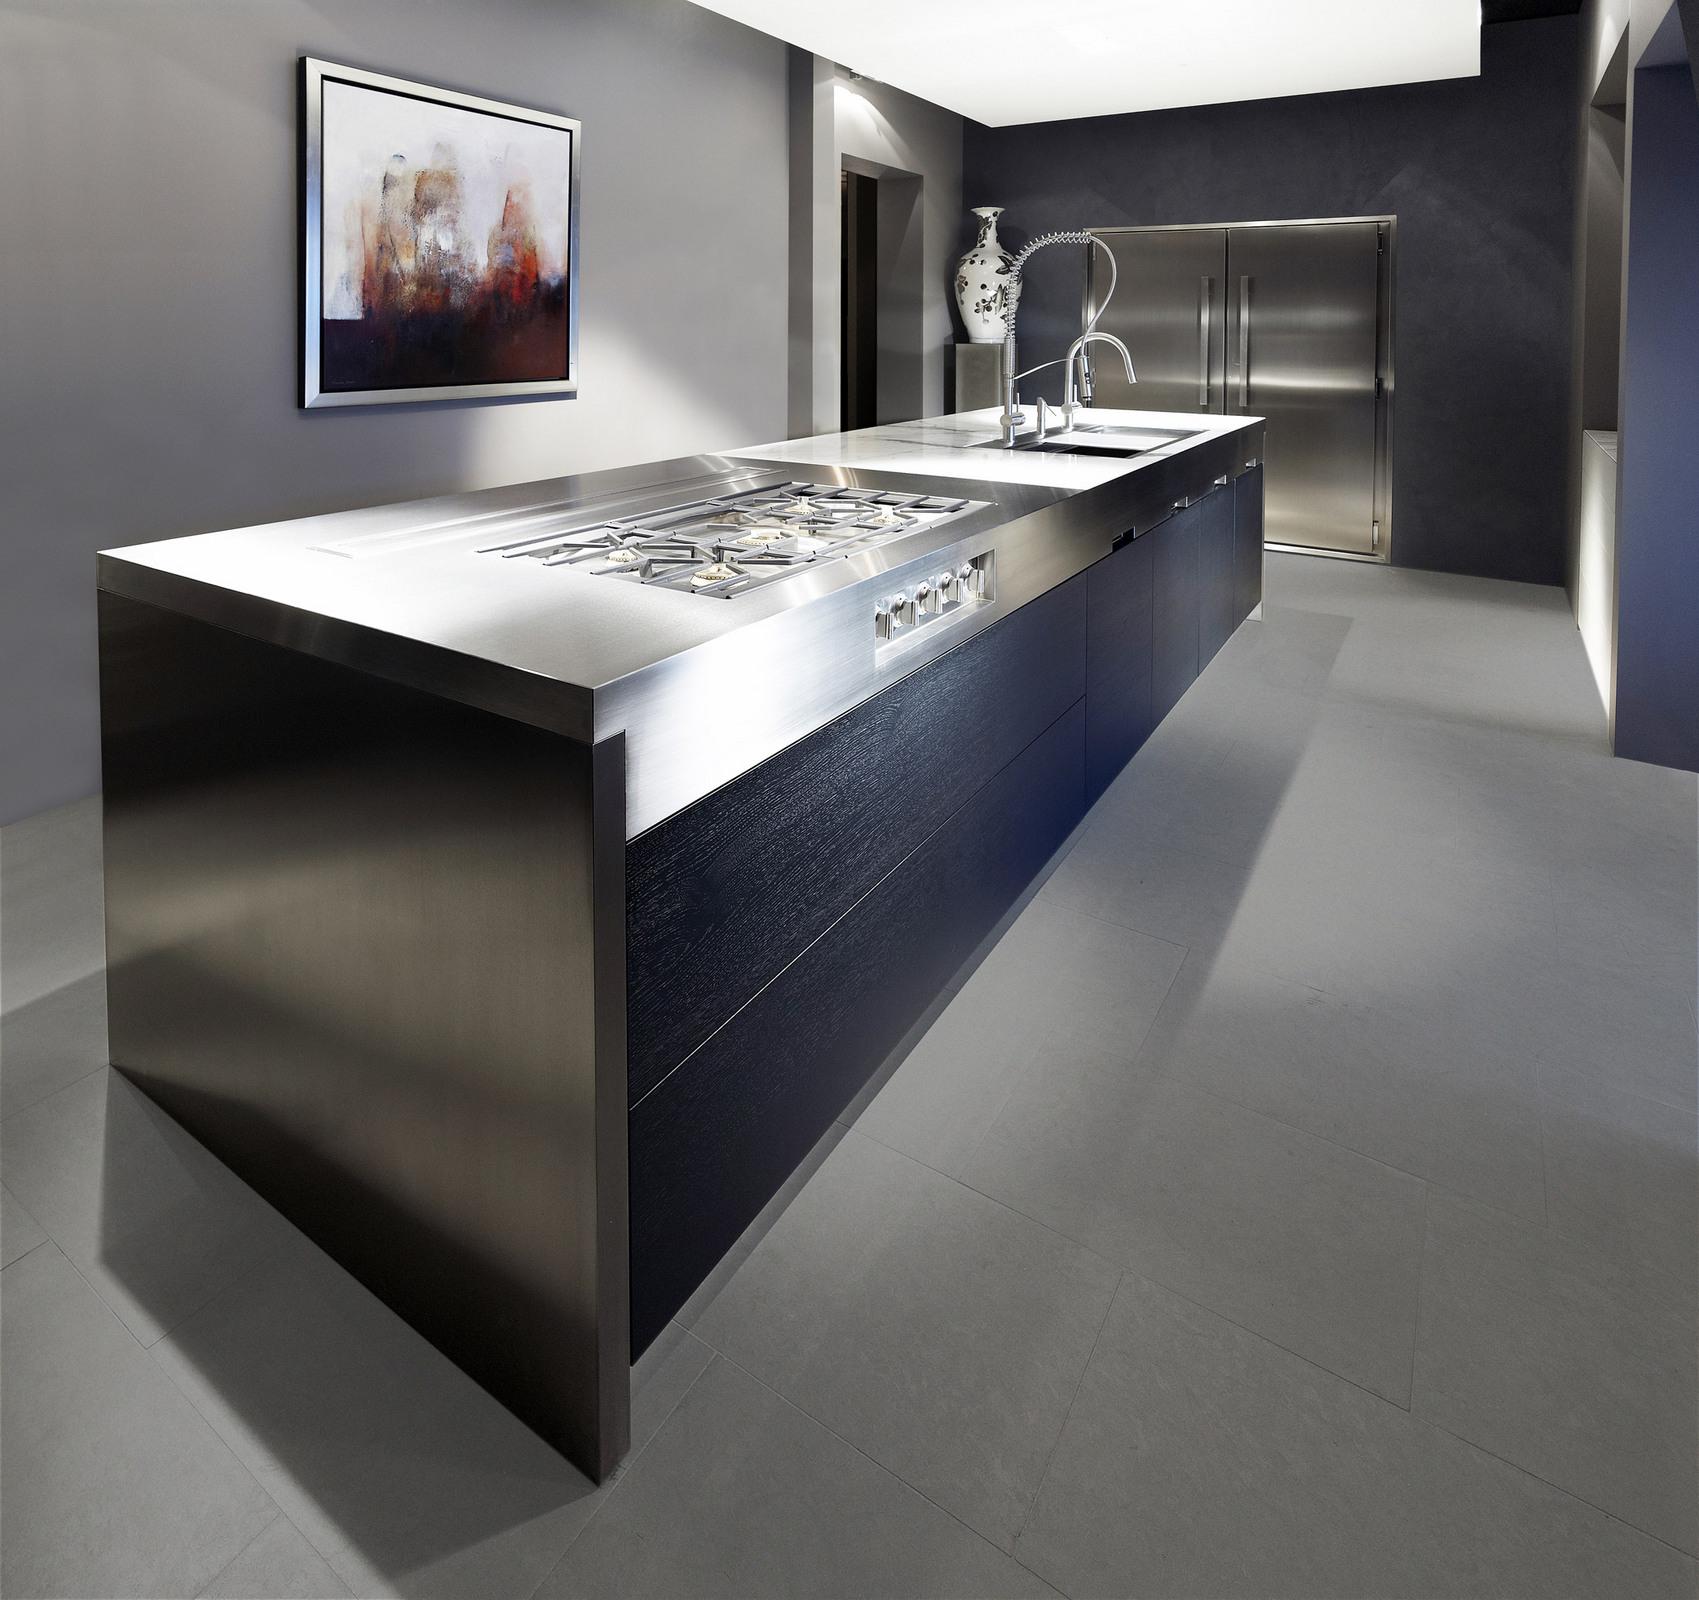 Culimaat Vertex keukenconcept met spoel en kookeiland